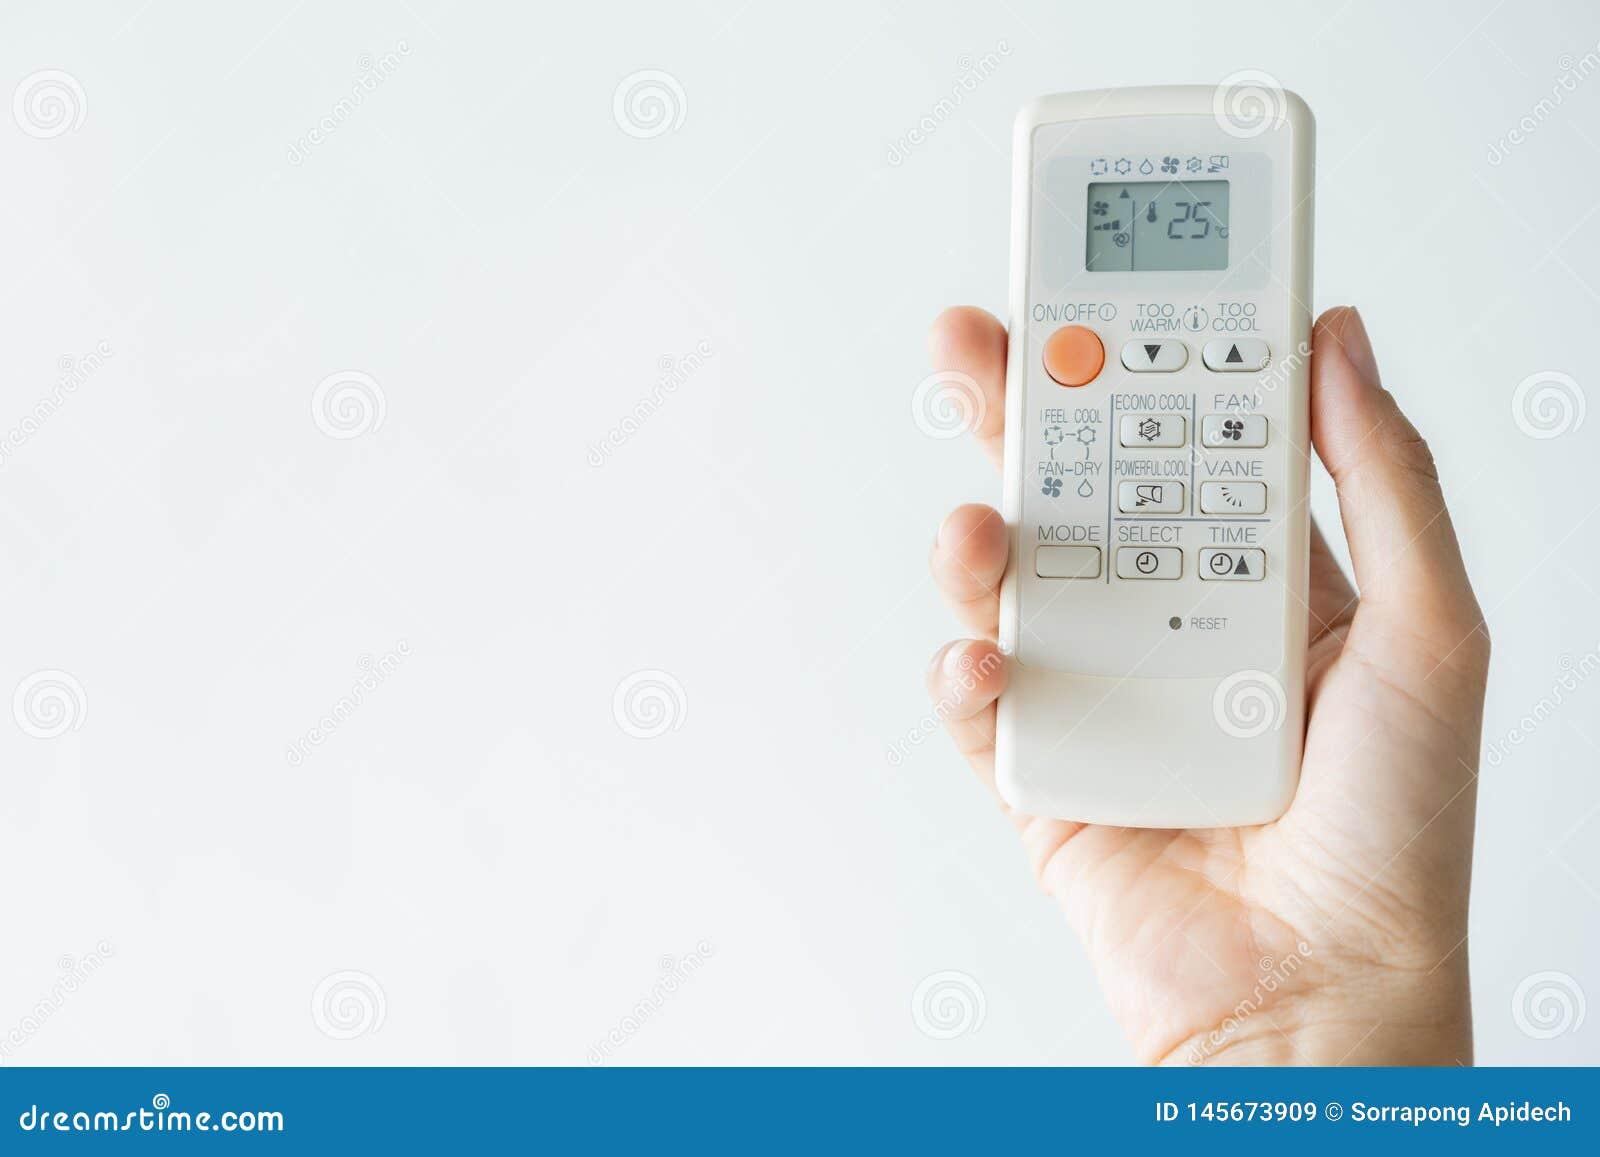 Kobiety ręka używać pilota do tv na wolnym powietrzu uwarunkowywać 25 stopni Na wolnym powietrzu 25 stopni, jest temperaturowy